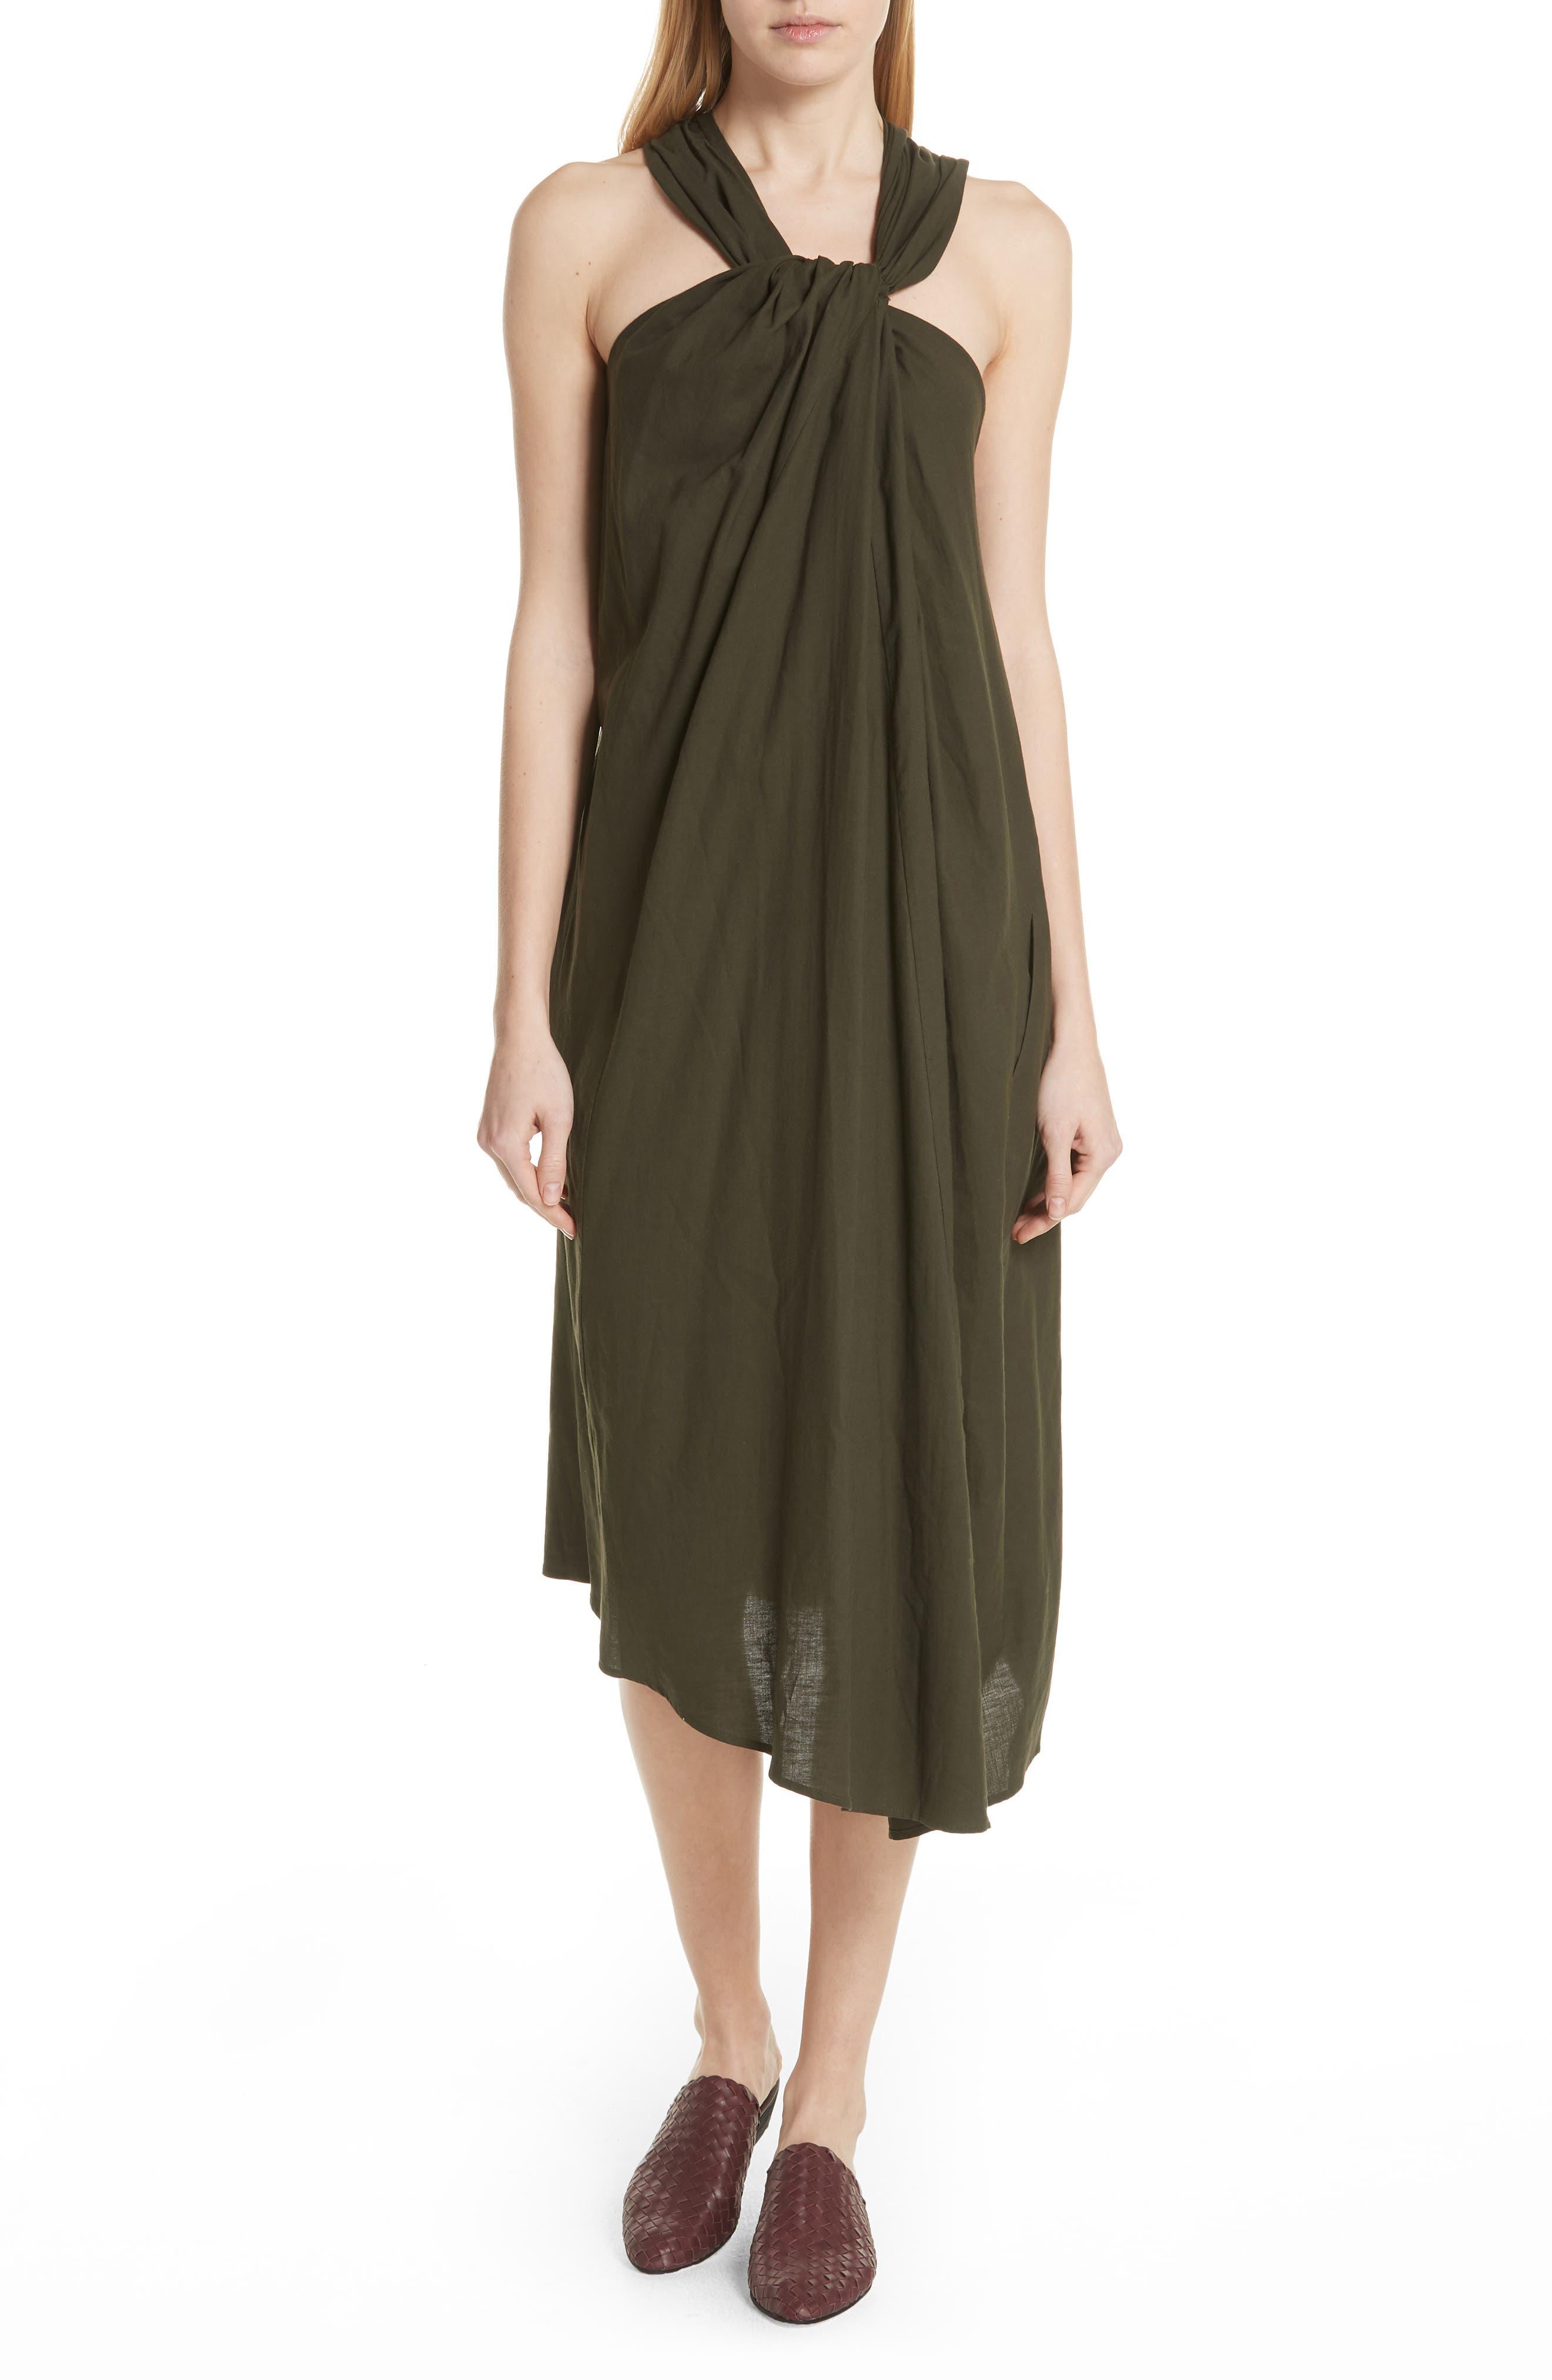 VINCE Twist Front Dress, Main, color, 359